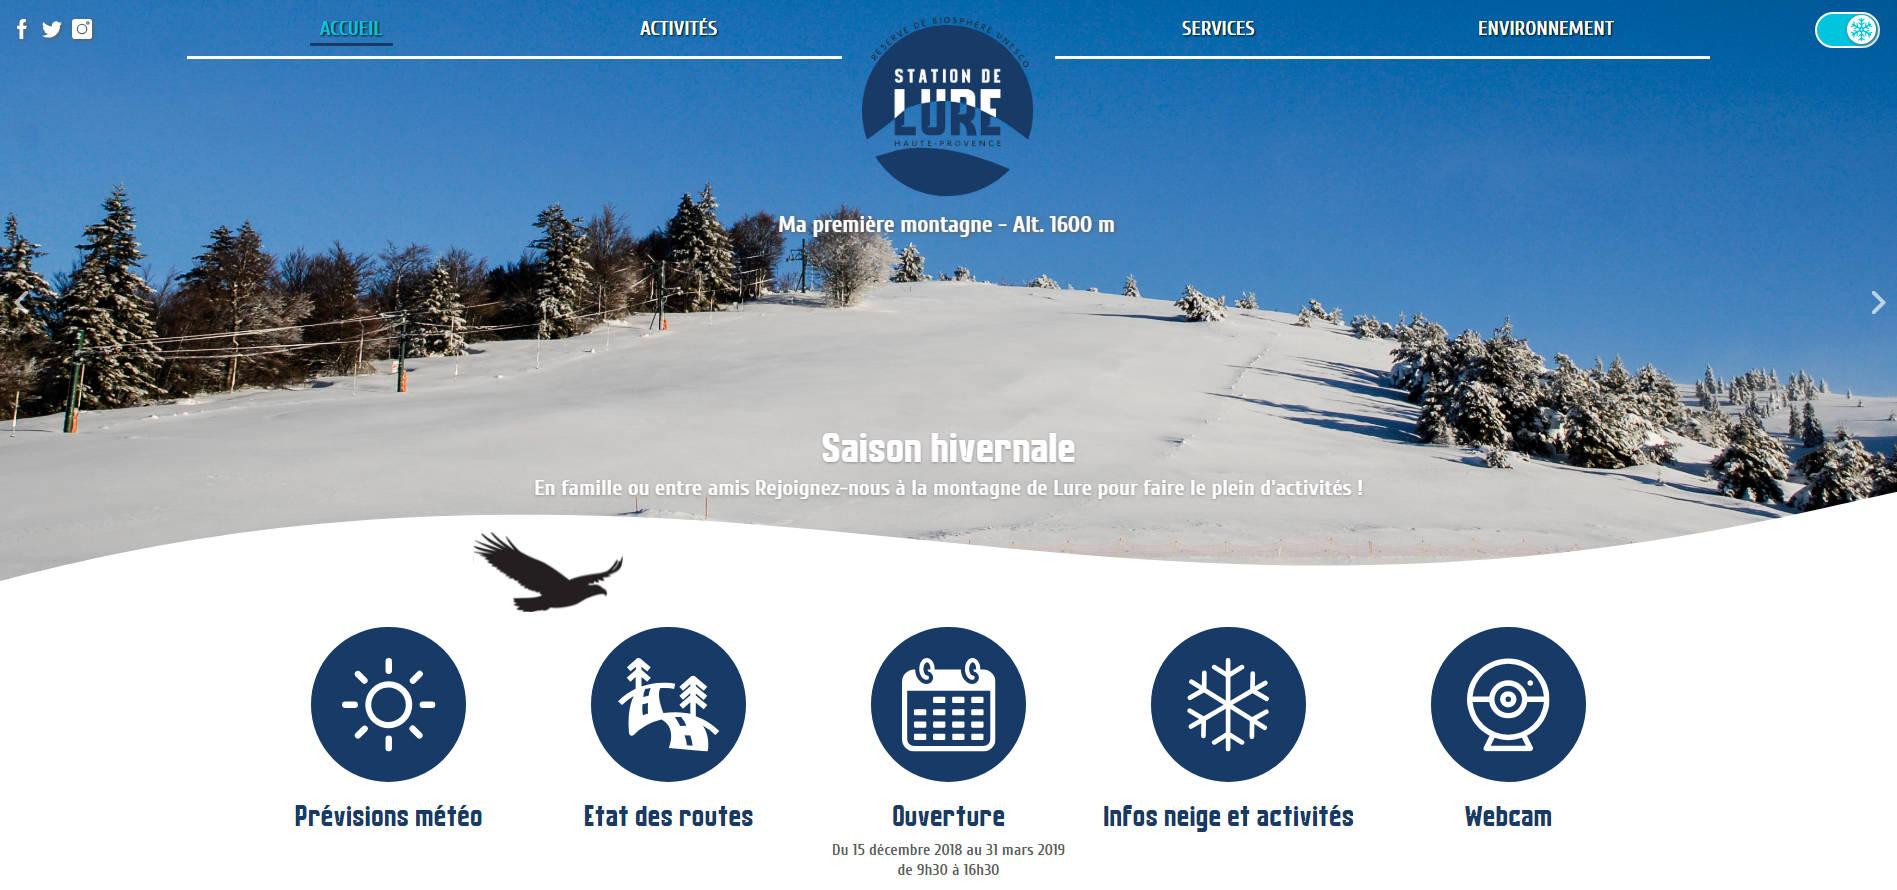 Site internet Station de Lure